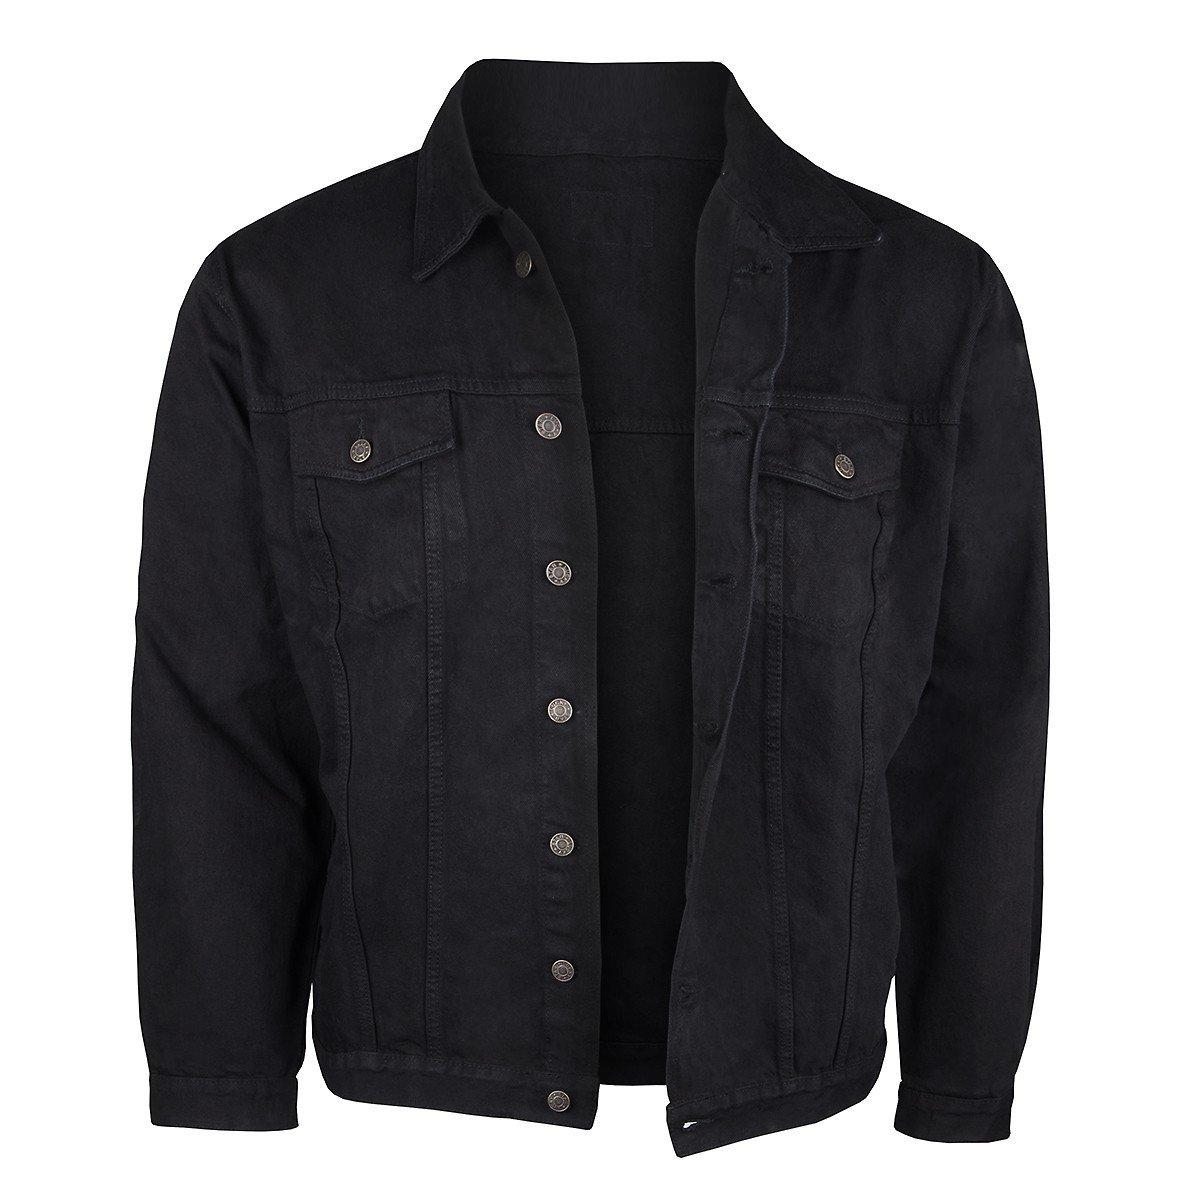 jeansjacke herren schwarz vergleichen kaufen jeans vip. Black Bedroom Furniture Sets. Home Design Ideas